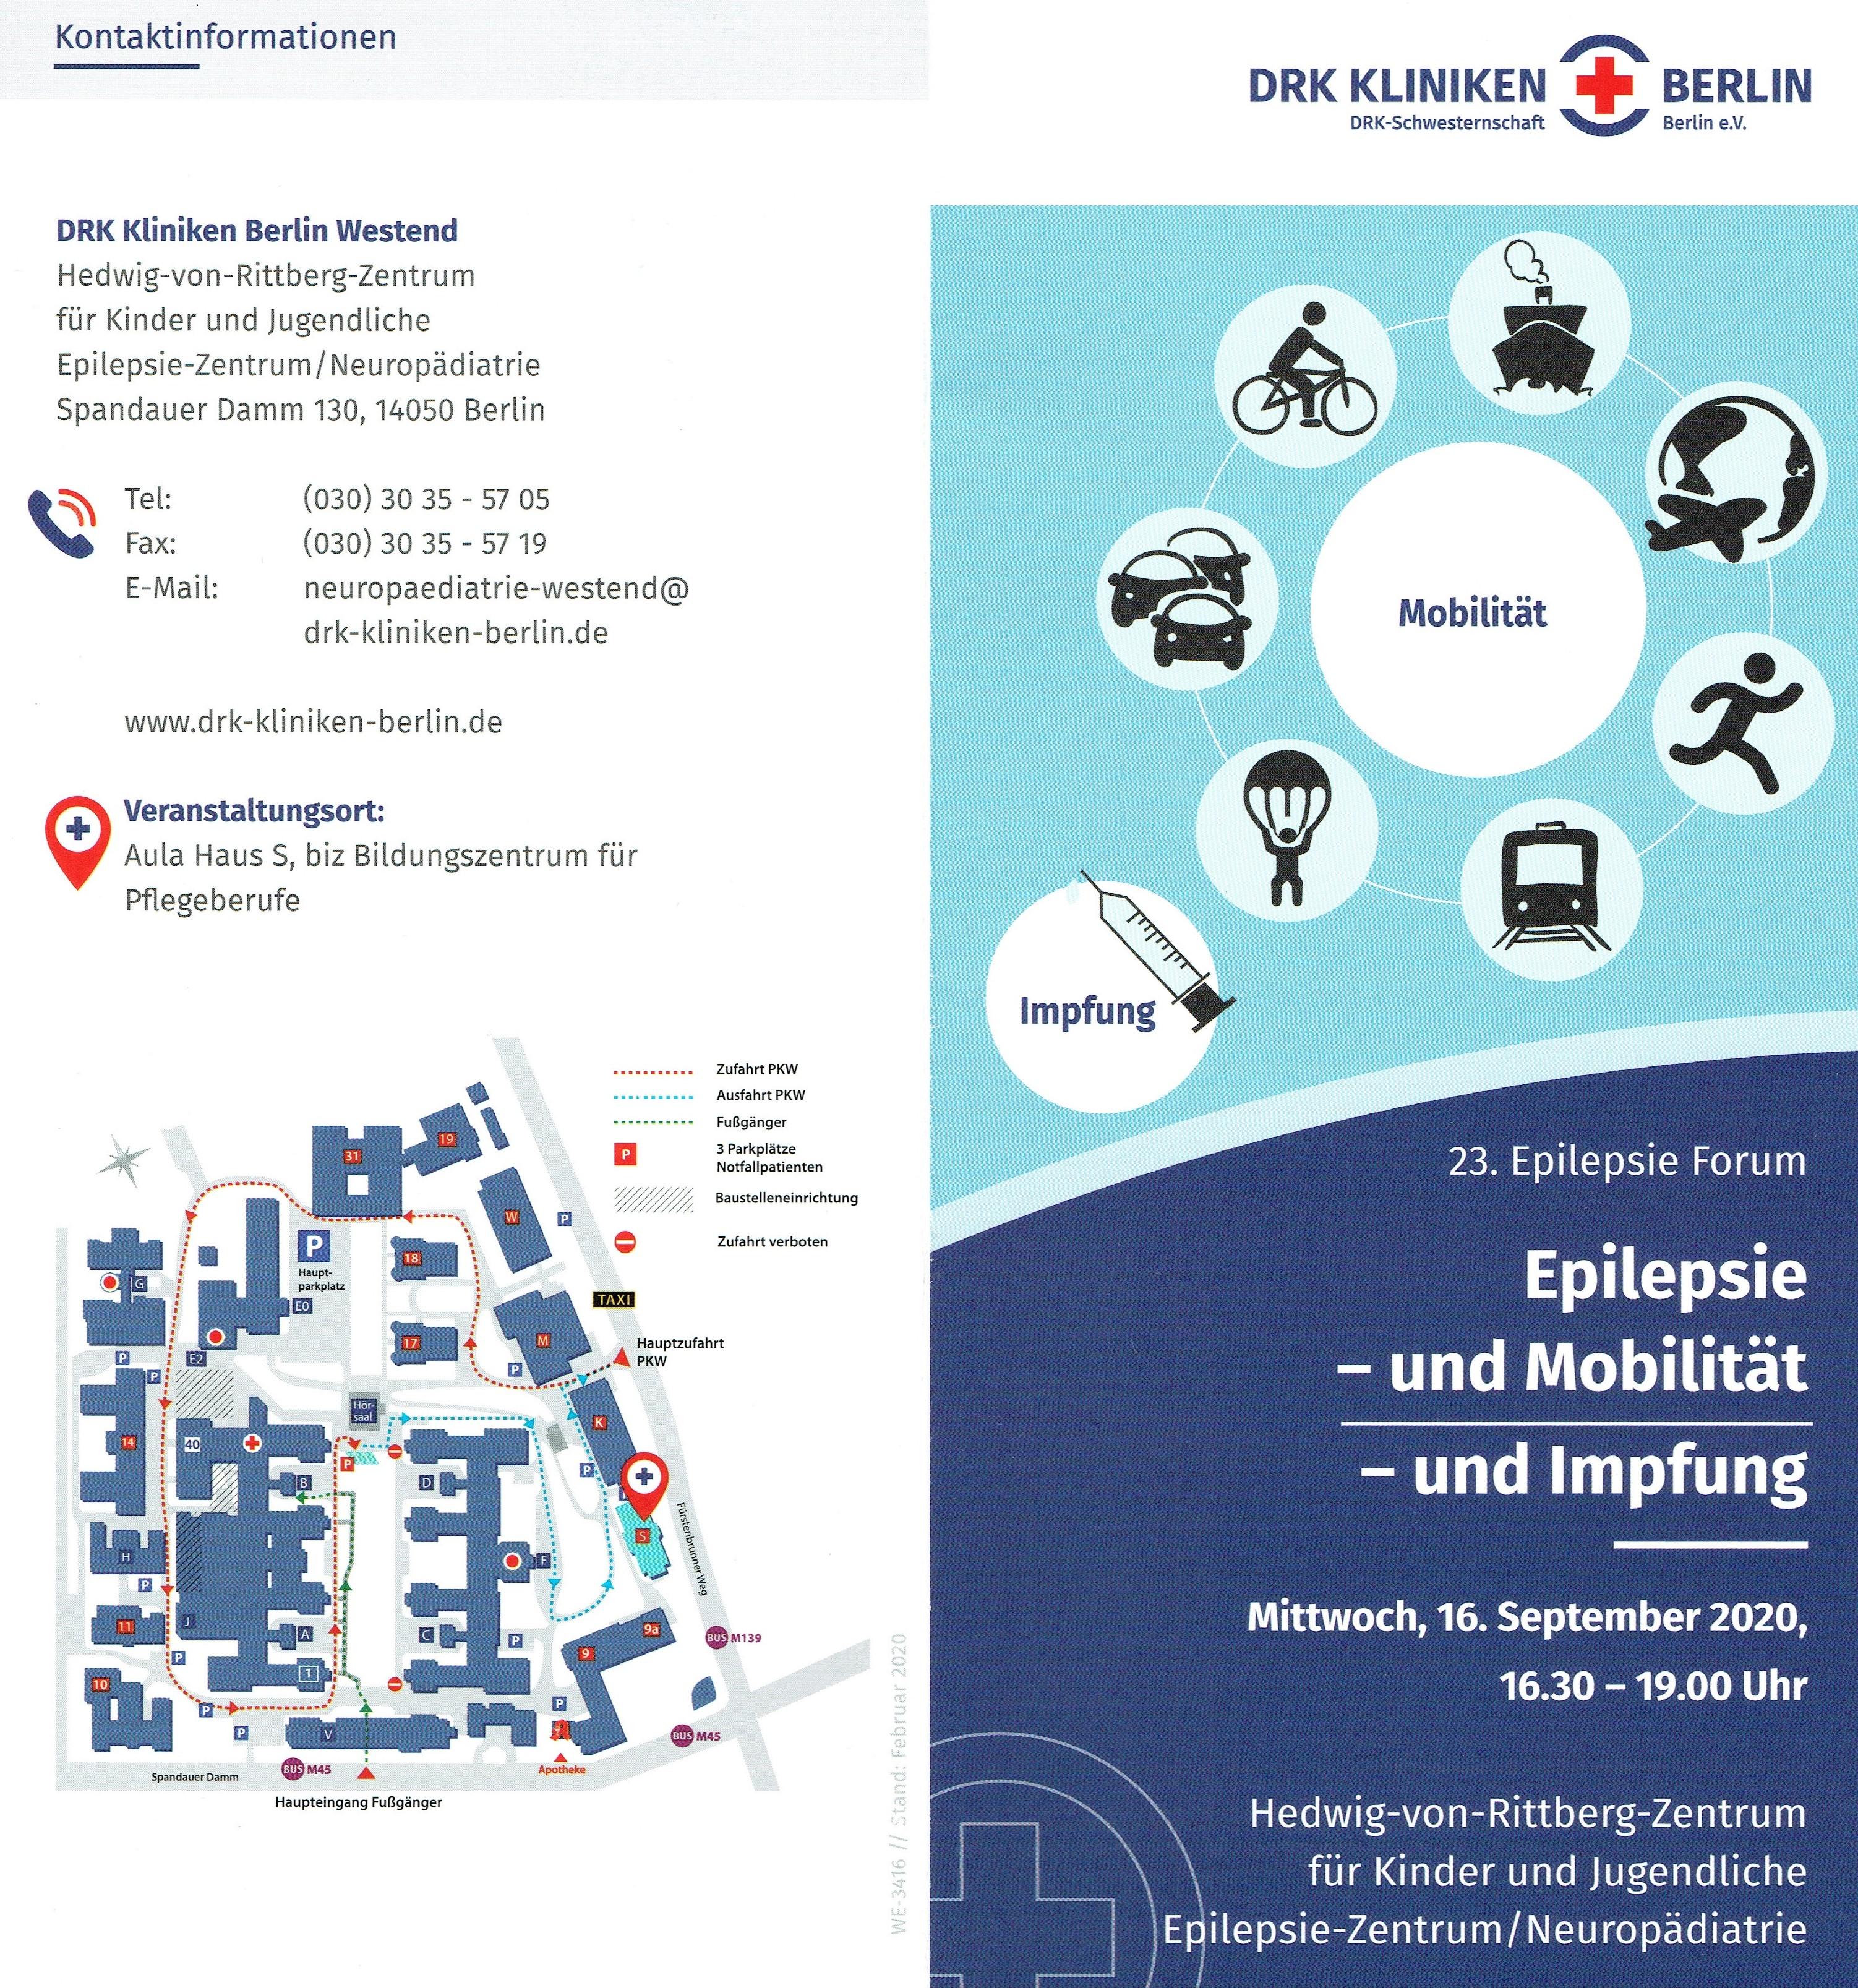 23. Epilepsieforum DRK Kliniken Berlin und Landesverband Epilepsie Berlin/Brandenburg